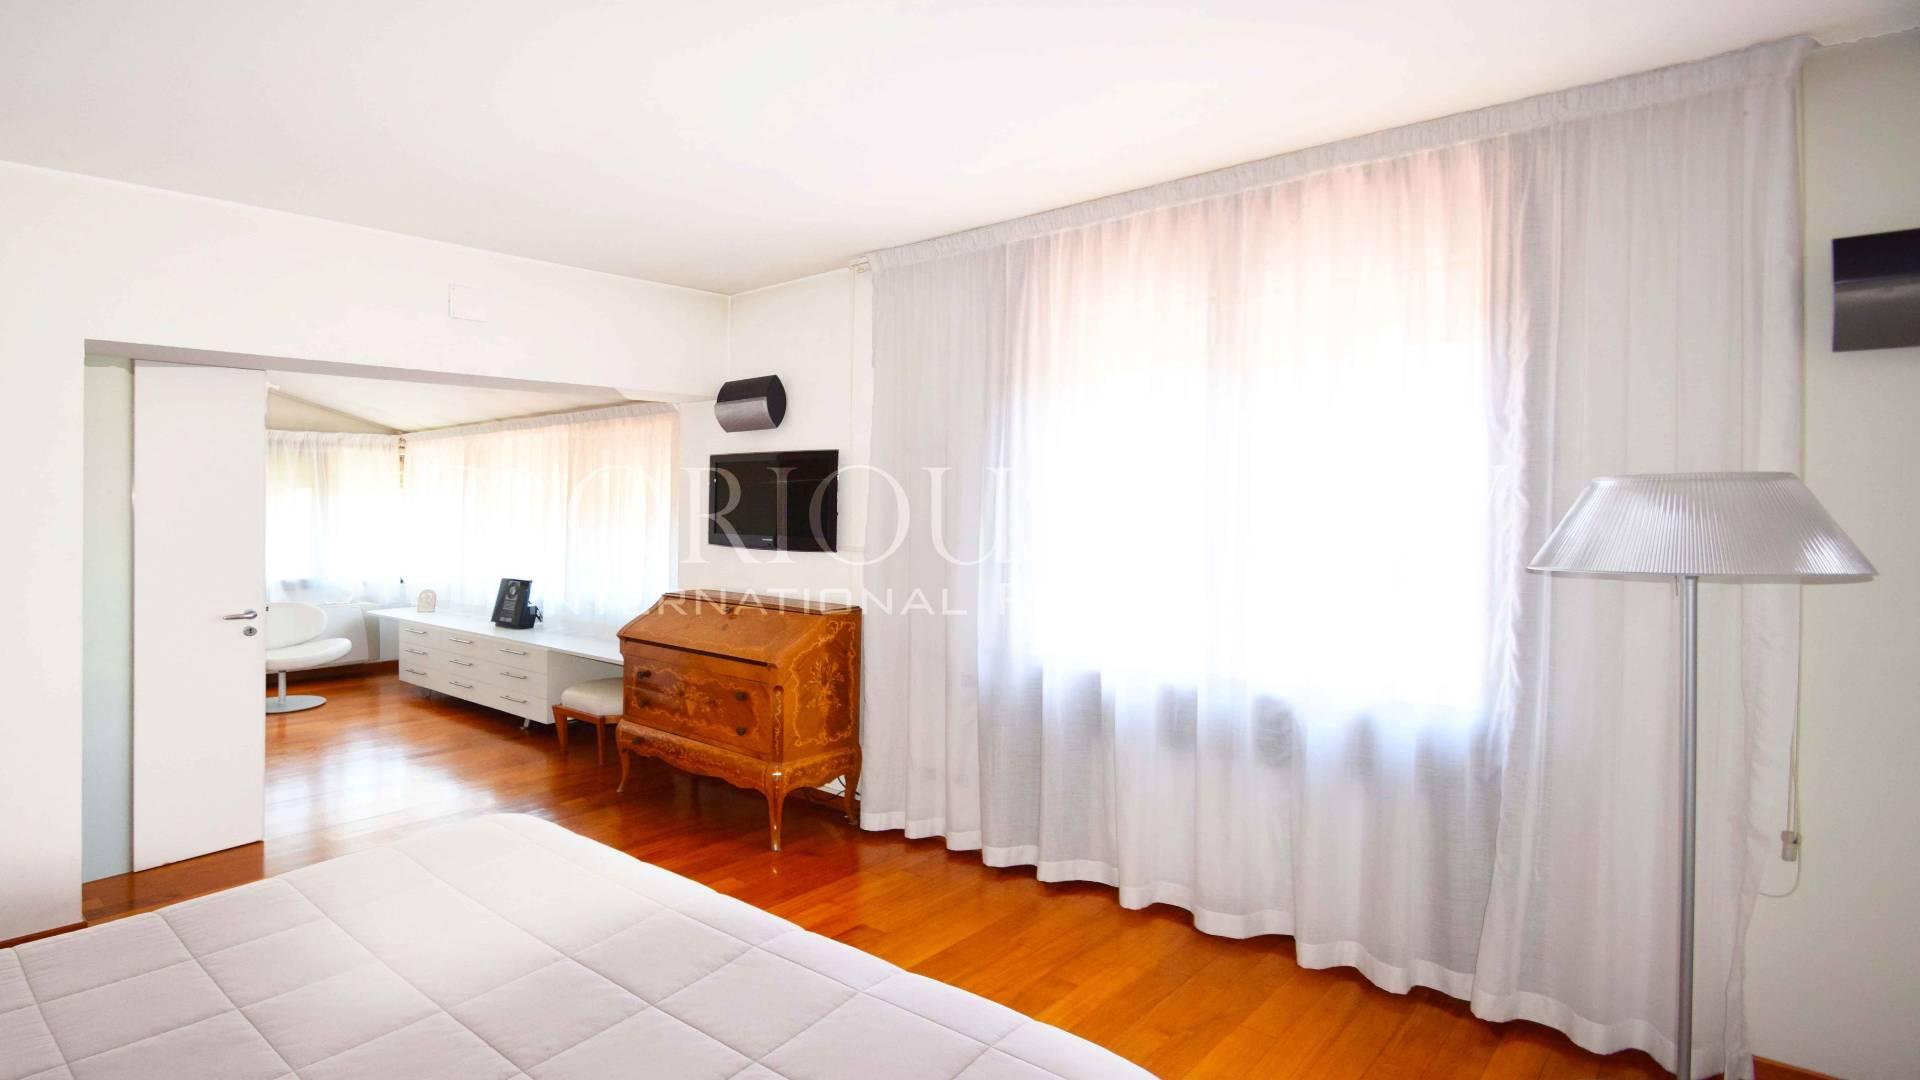 Villa in Vendita a Basiglio: 5 locali, 600 mq - Foto 9